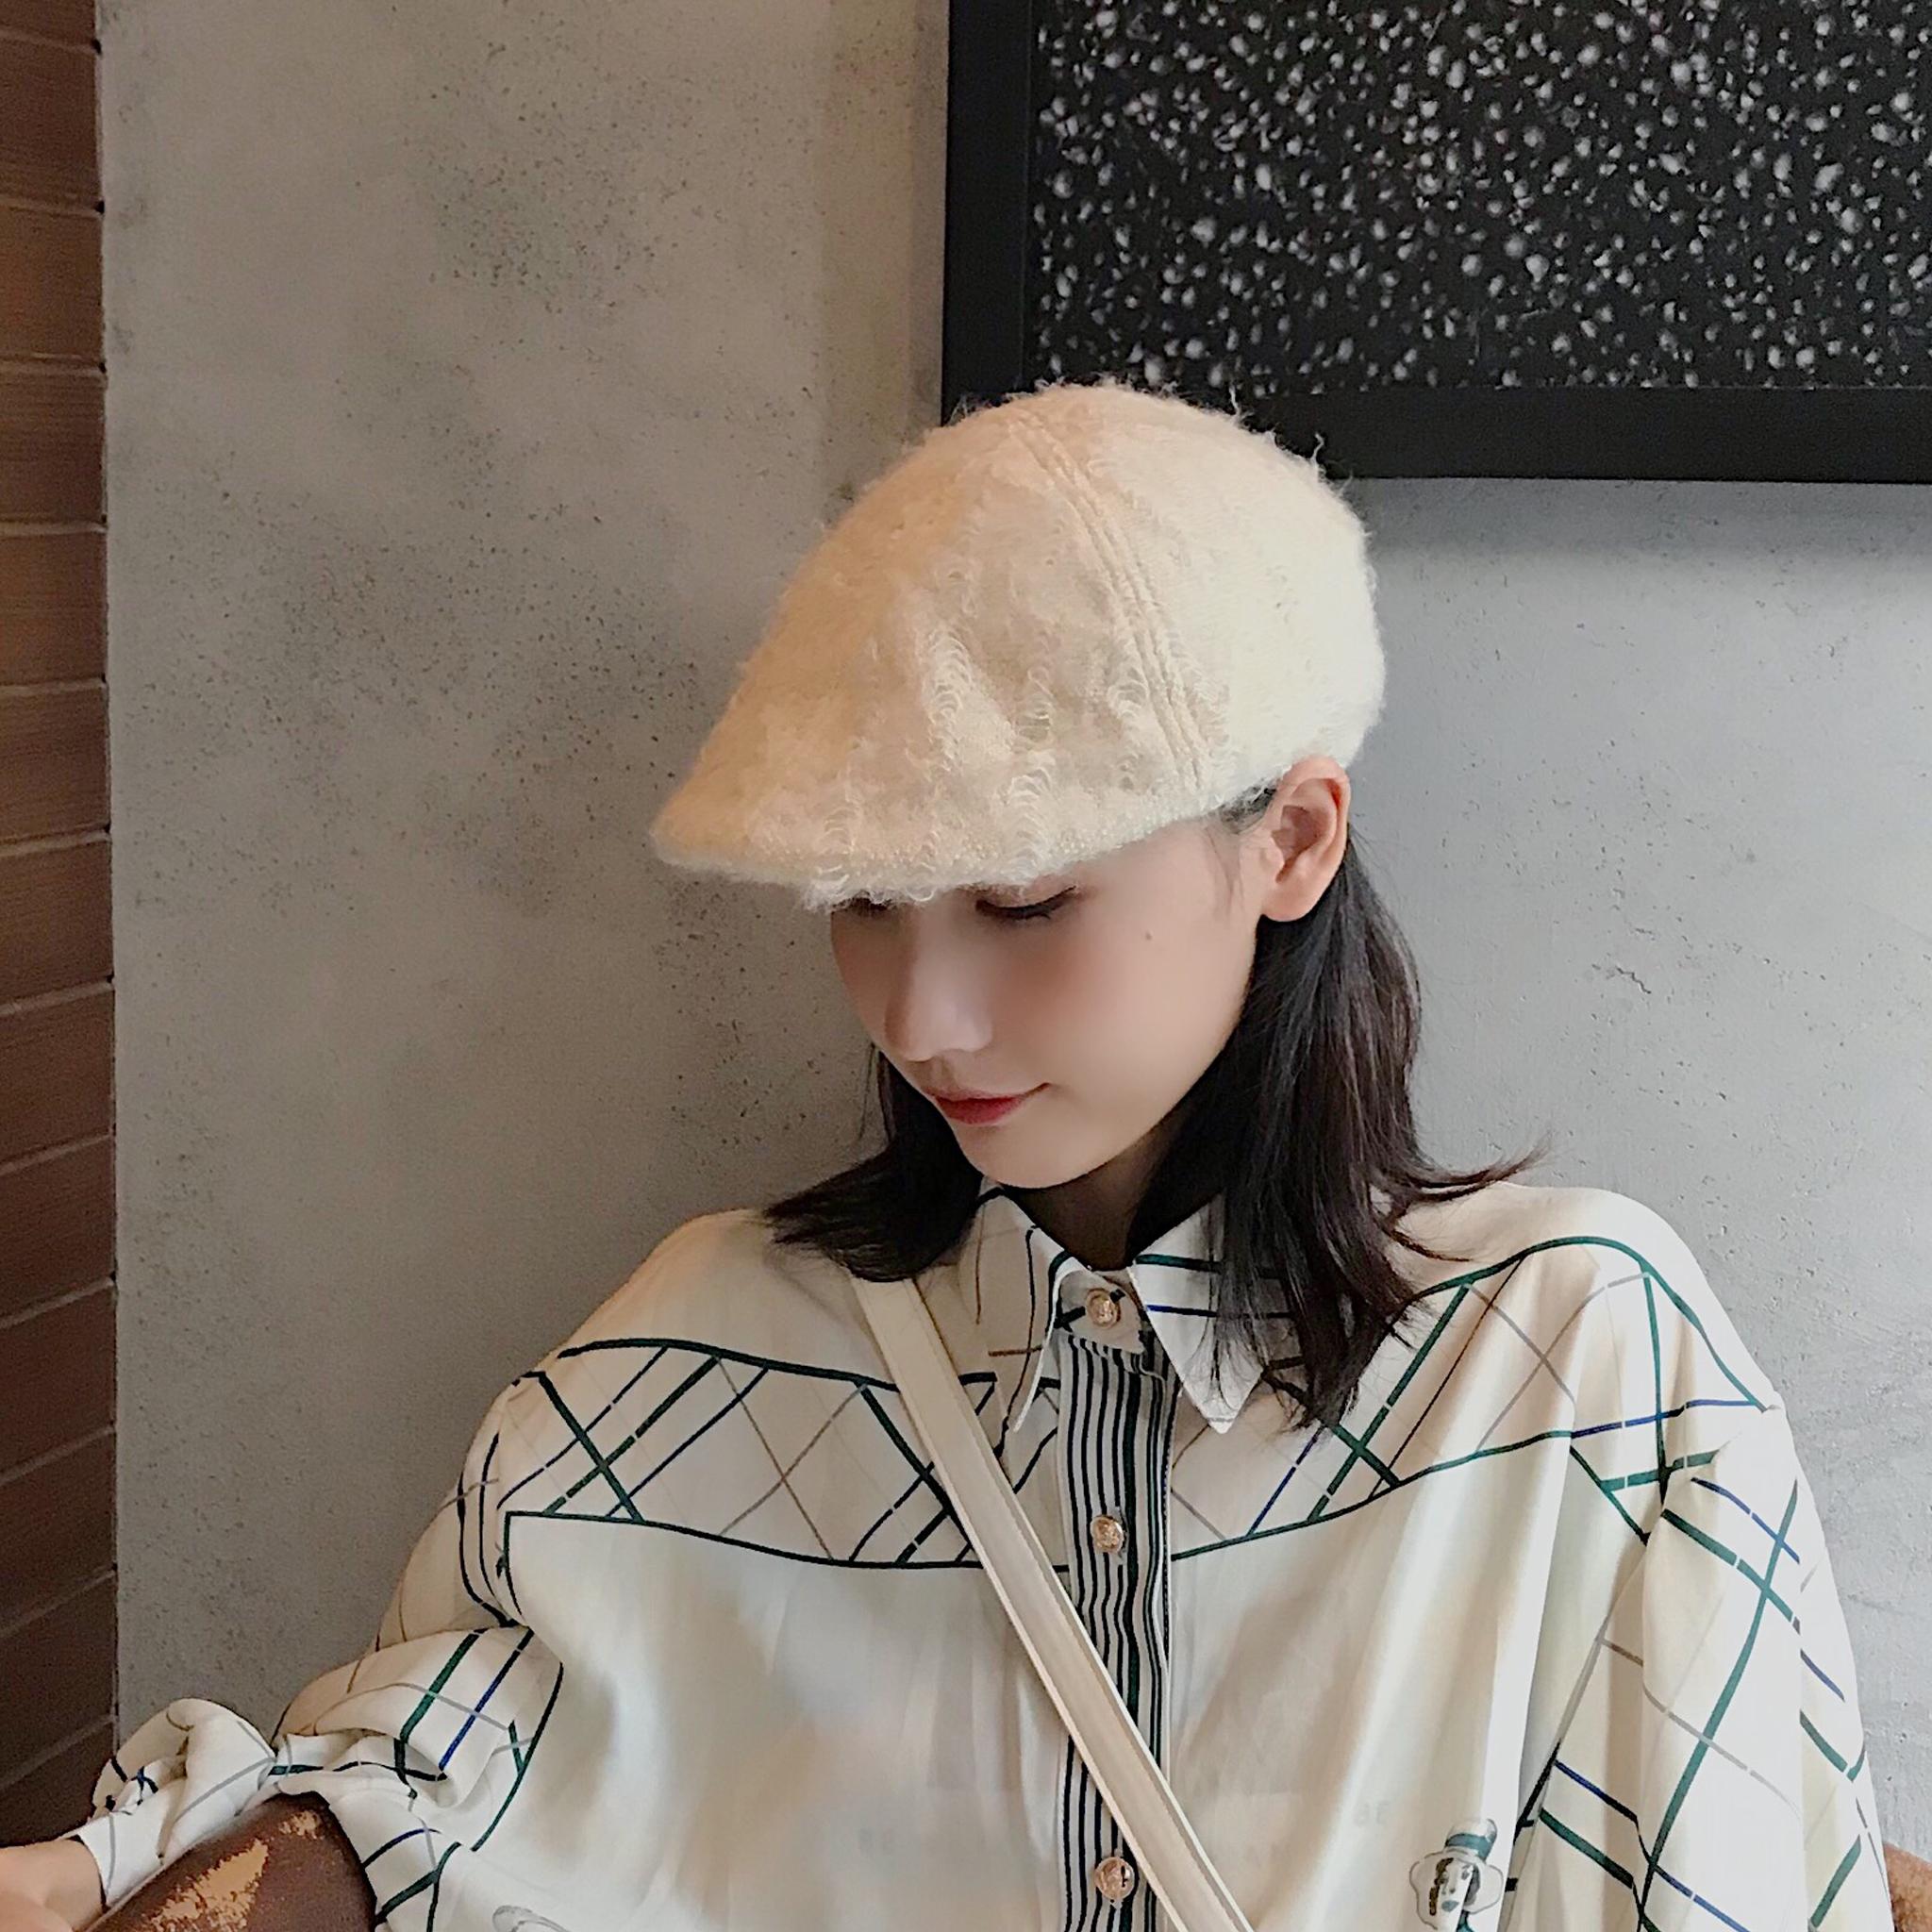 日系文艺薄款前进帽秋冬透气可折叠帽子女韩版休闲百搭短檐贝雷帽